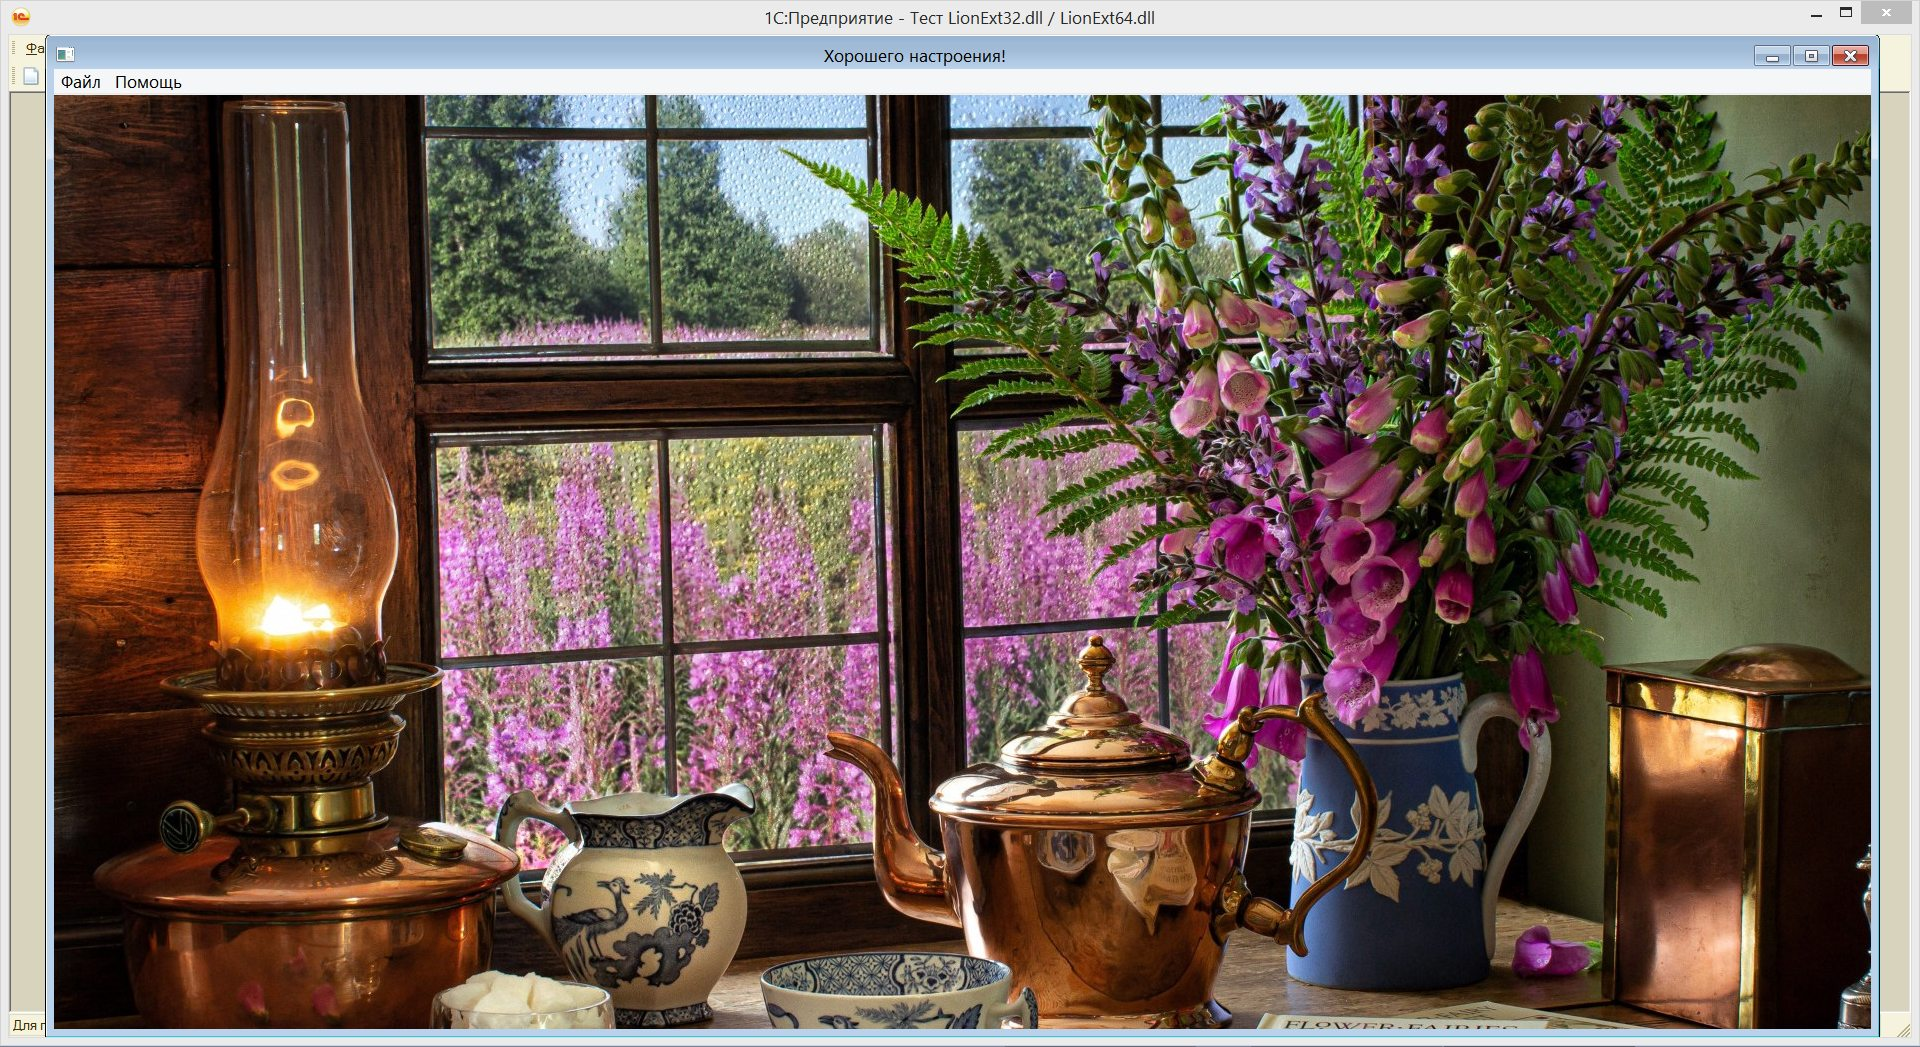 Рис. 10. Фоновое изображение во внешнем окне для обычных форм 1С83